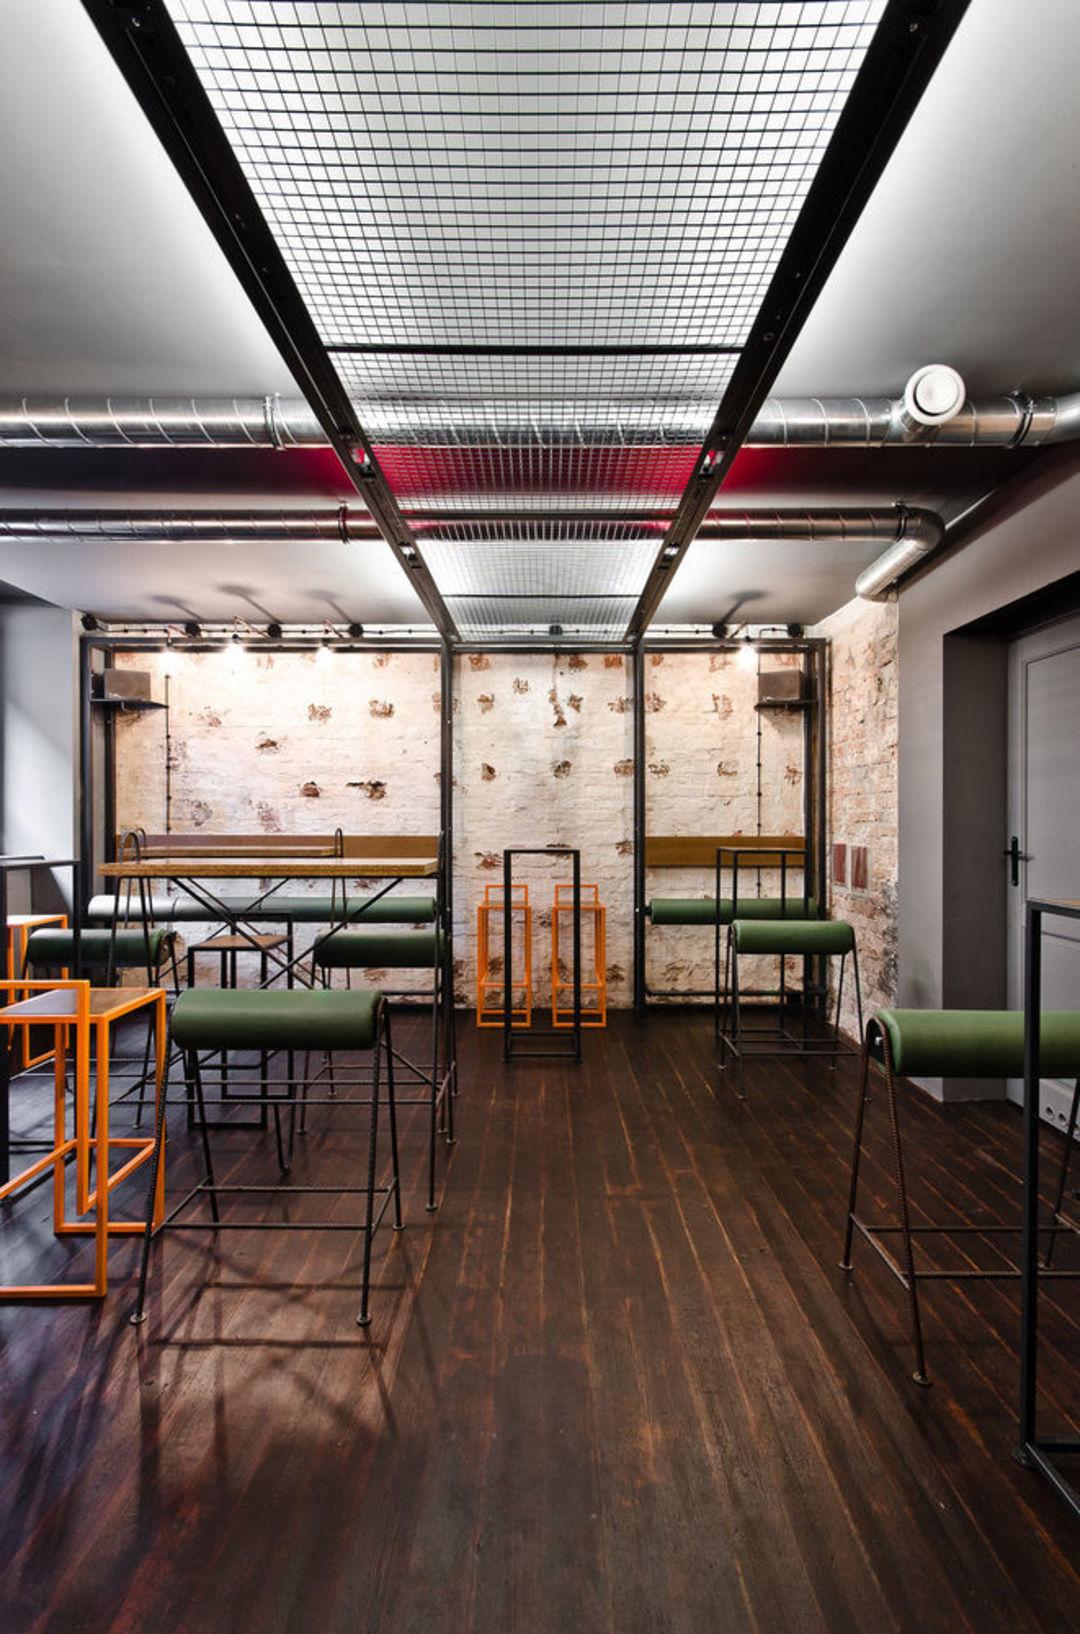 如何把一间废弃地下室改造成酷酷的酒吧?_设计_好奇心日报